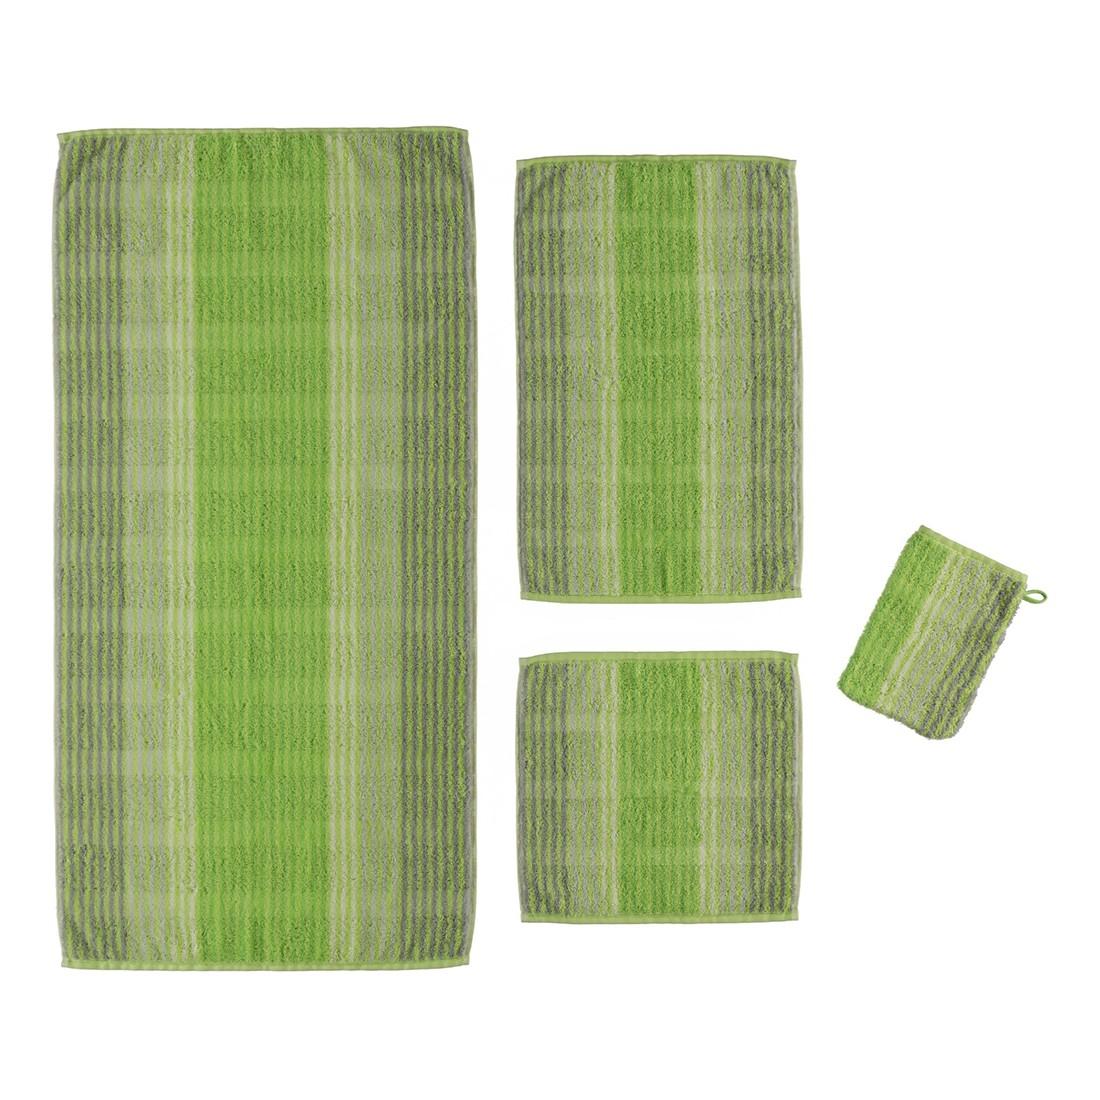 Handtuch Noblesse Cashmere Streifen 1056 – 100% Baumwolle kiwi – 45 – Duschtuch: 80 x 150 cm, Cawö jetzt bestellen